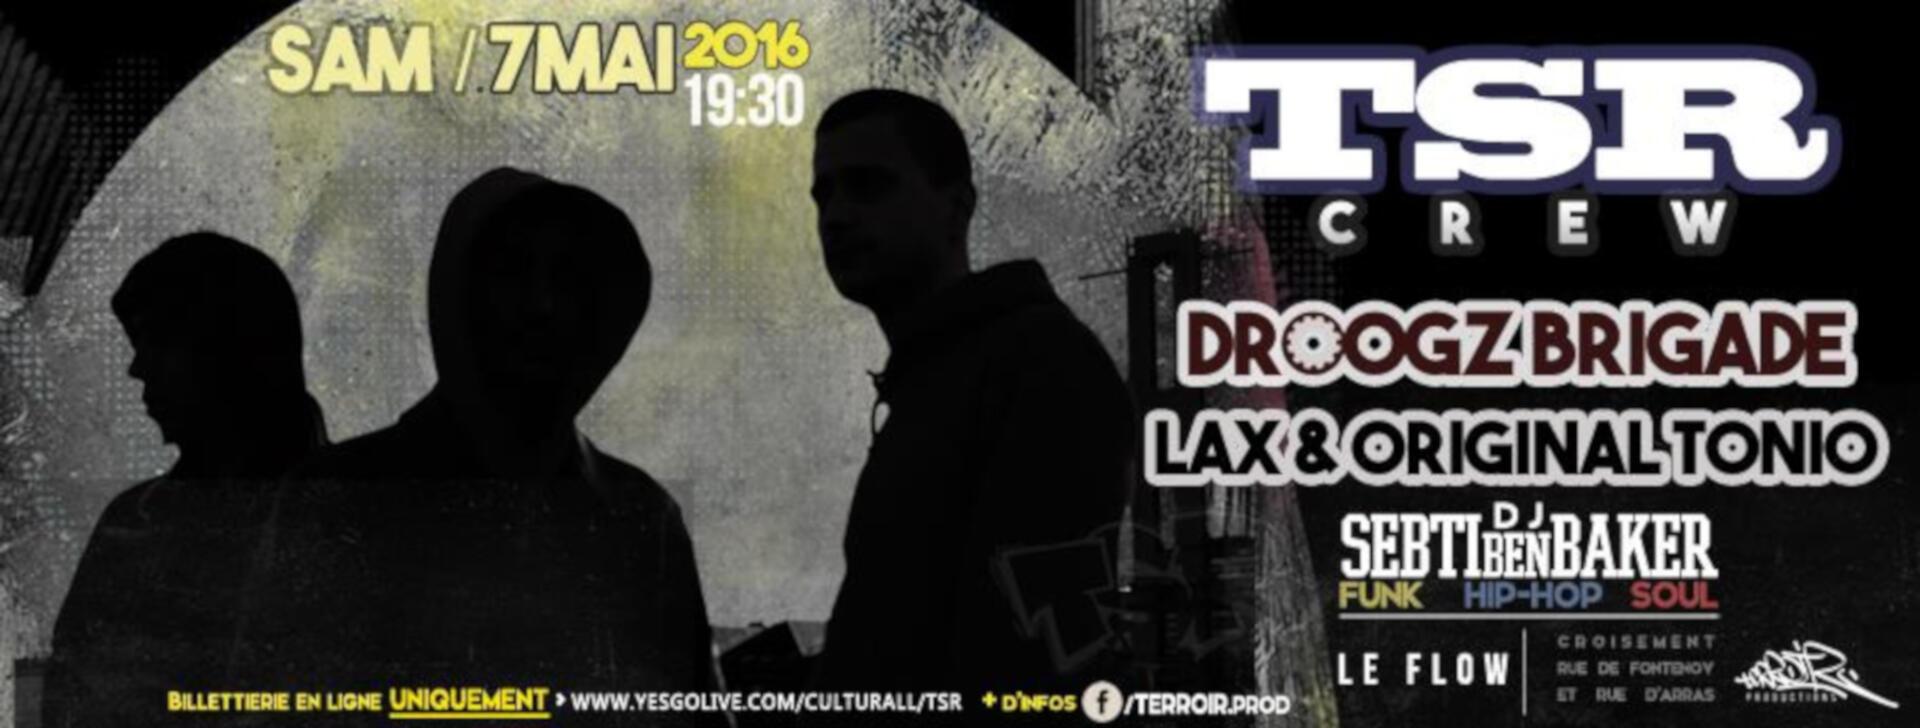 Concert à Lille TSR Crew, Droogz Brigade, LAX Original Tonio